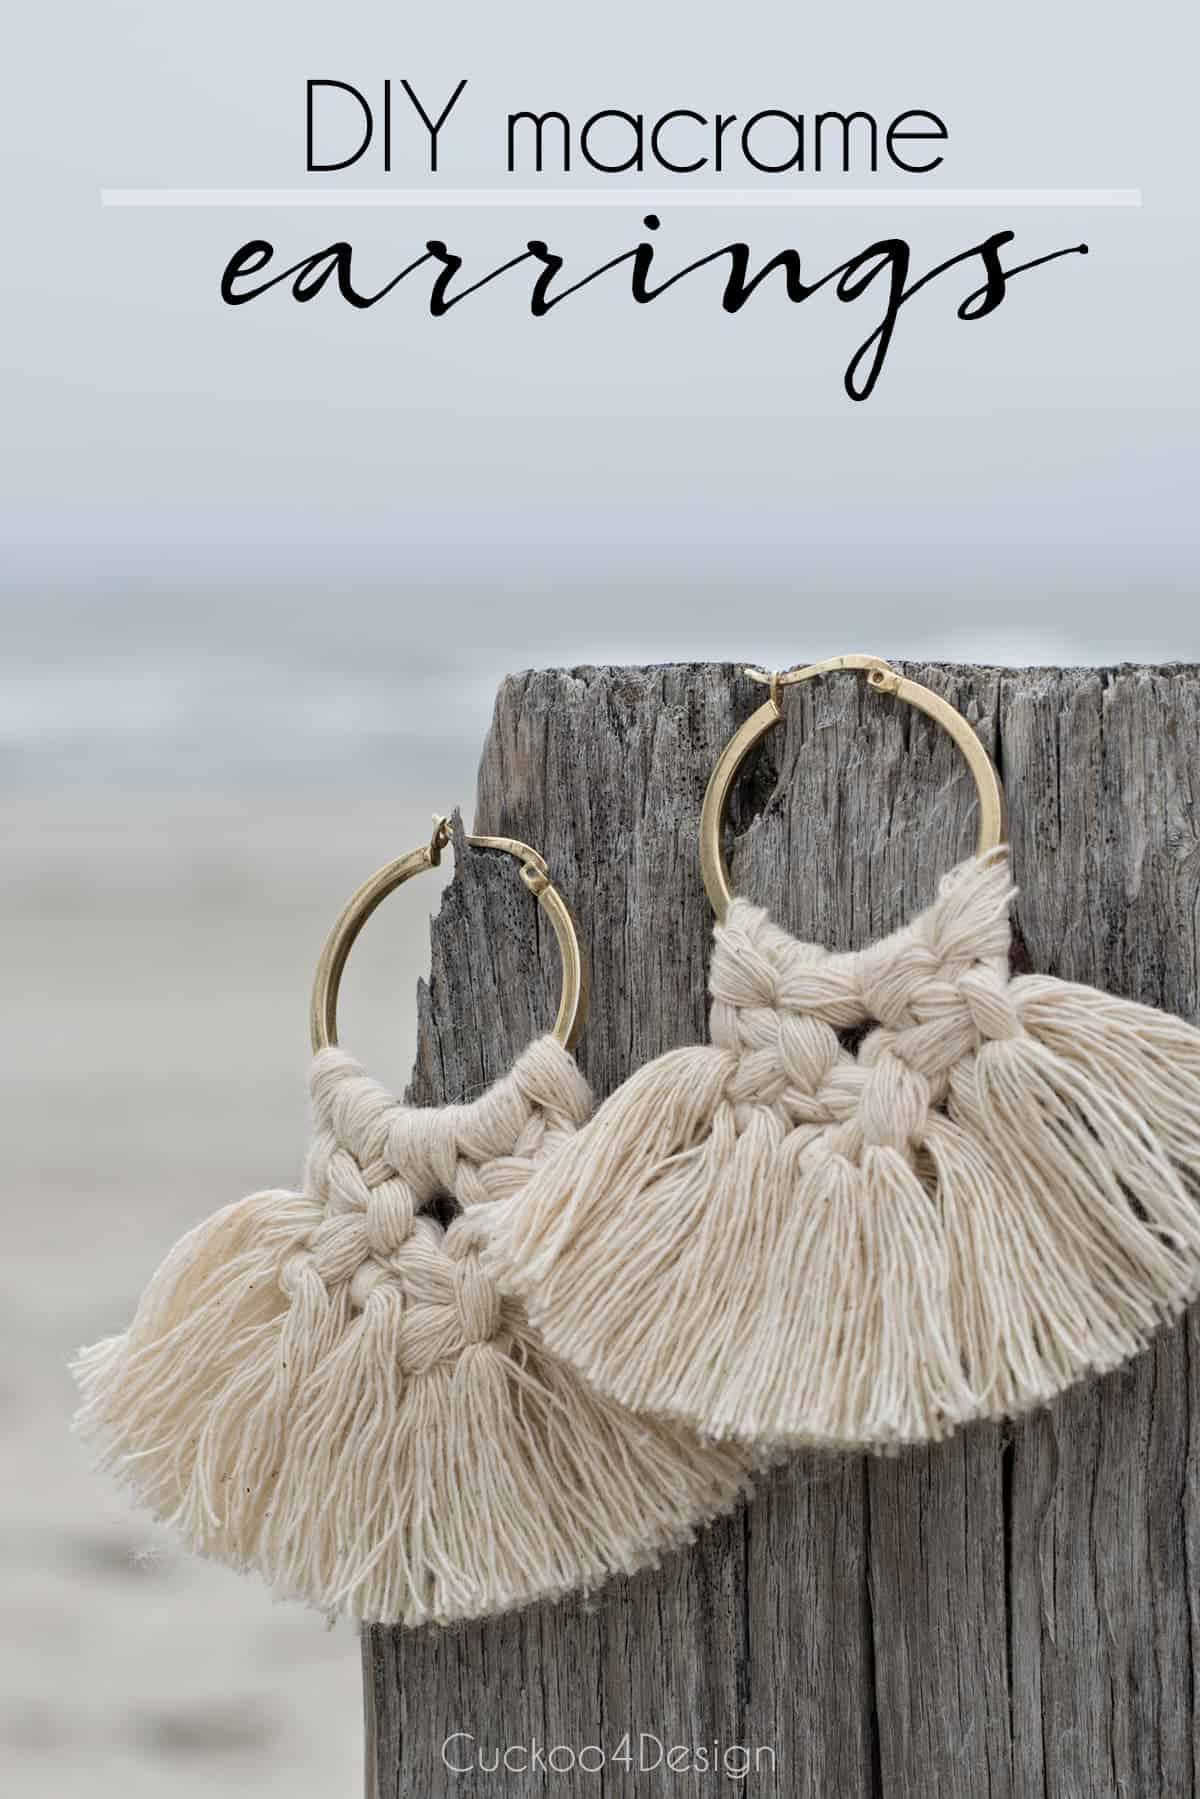 Fringey DIY macrame earrings